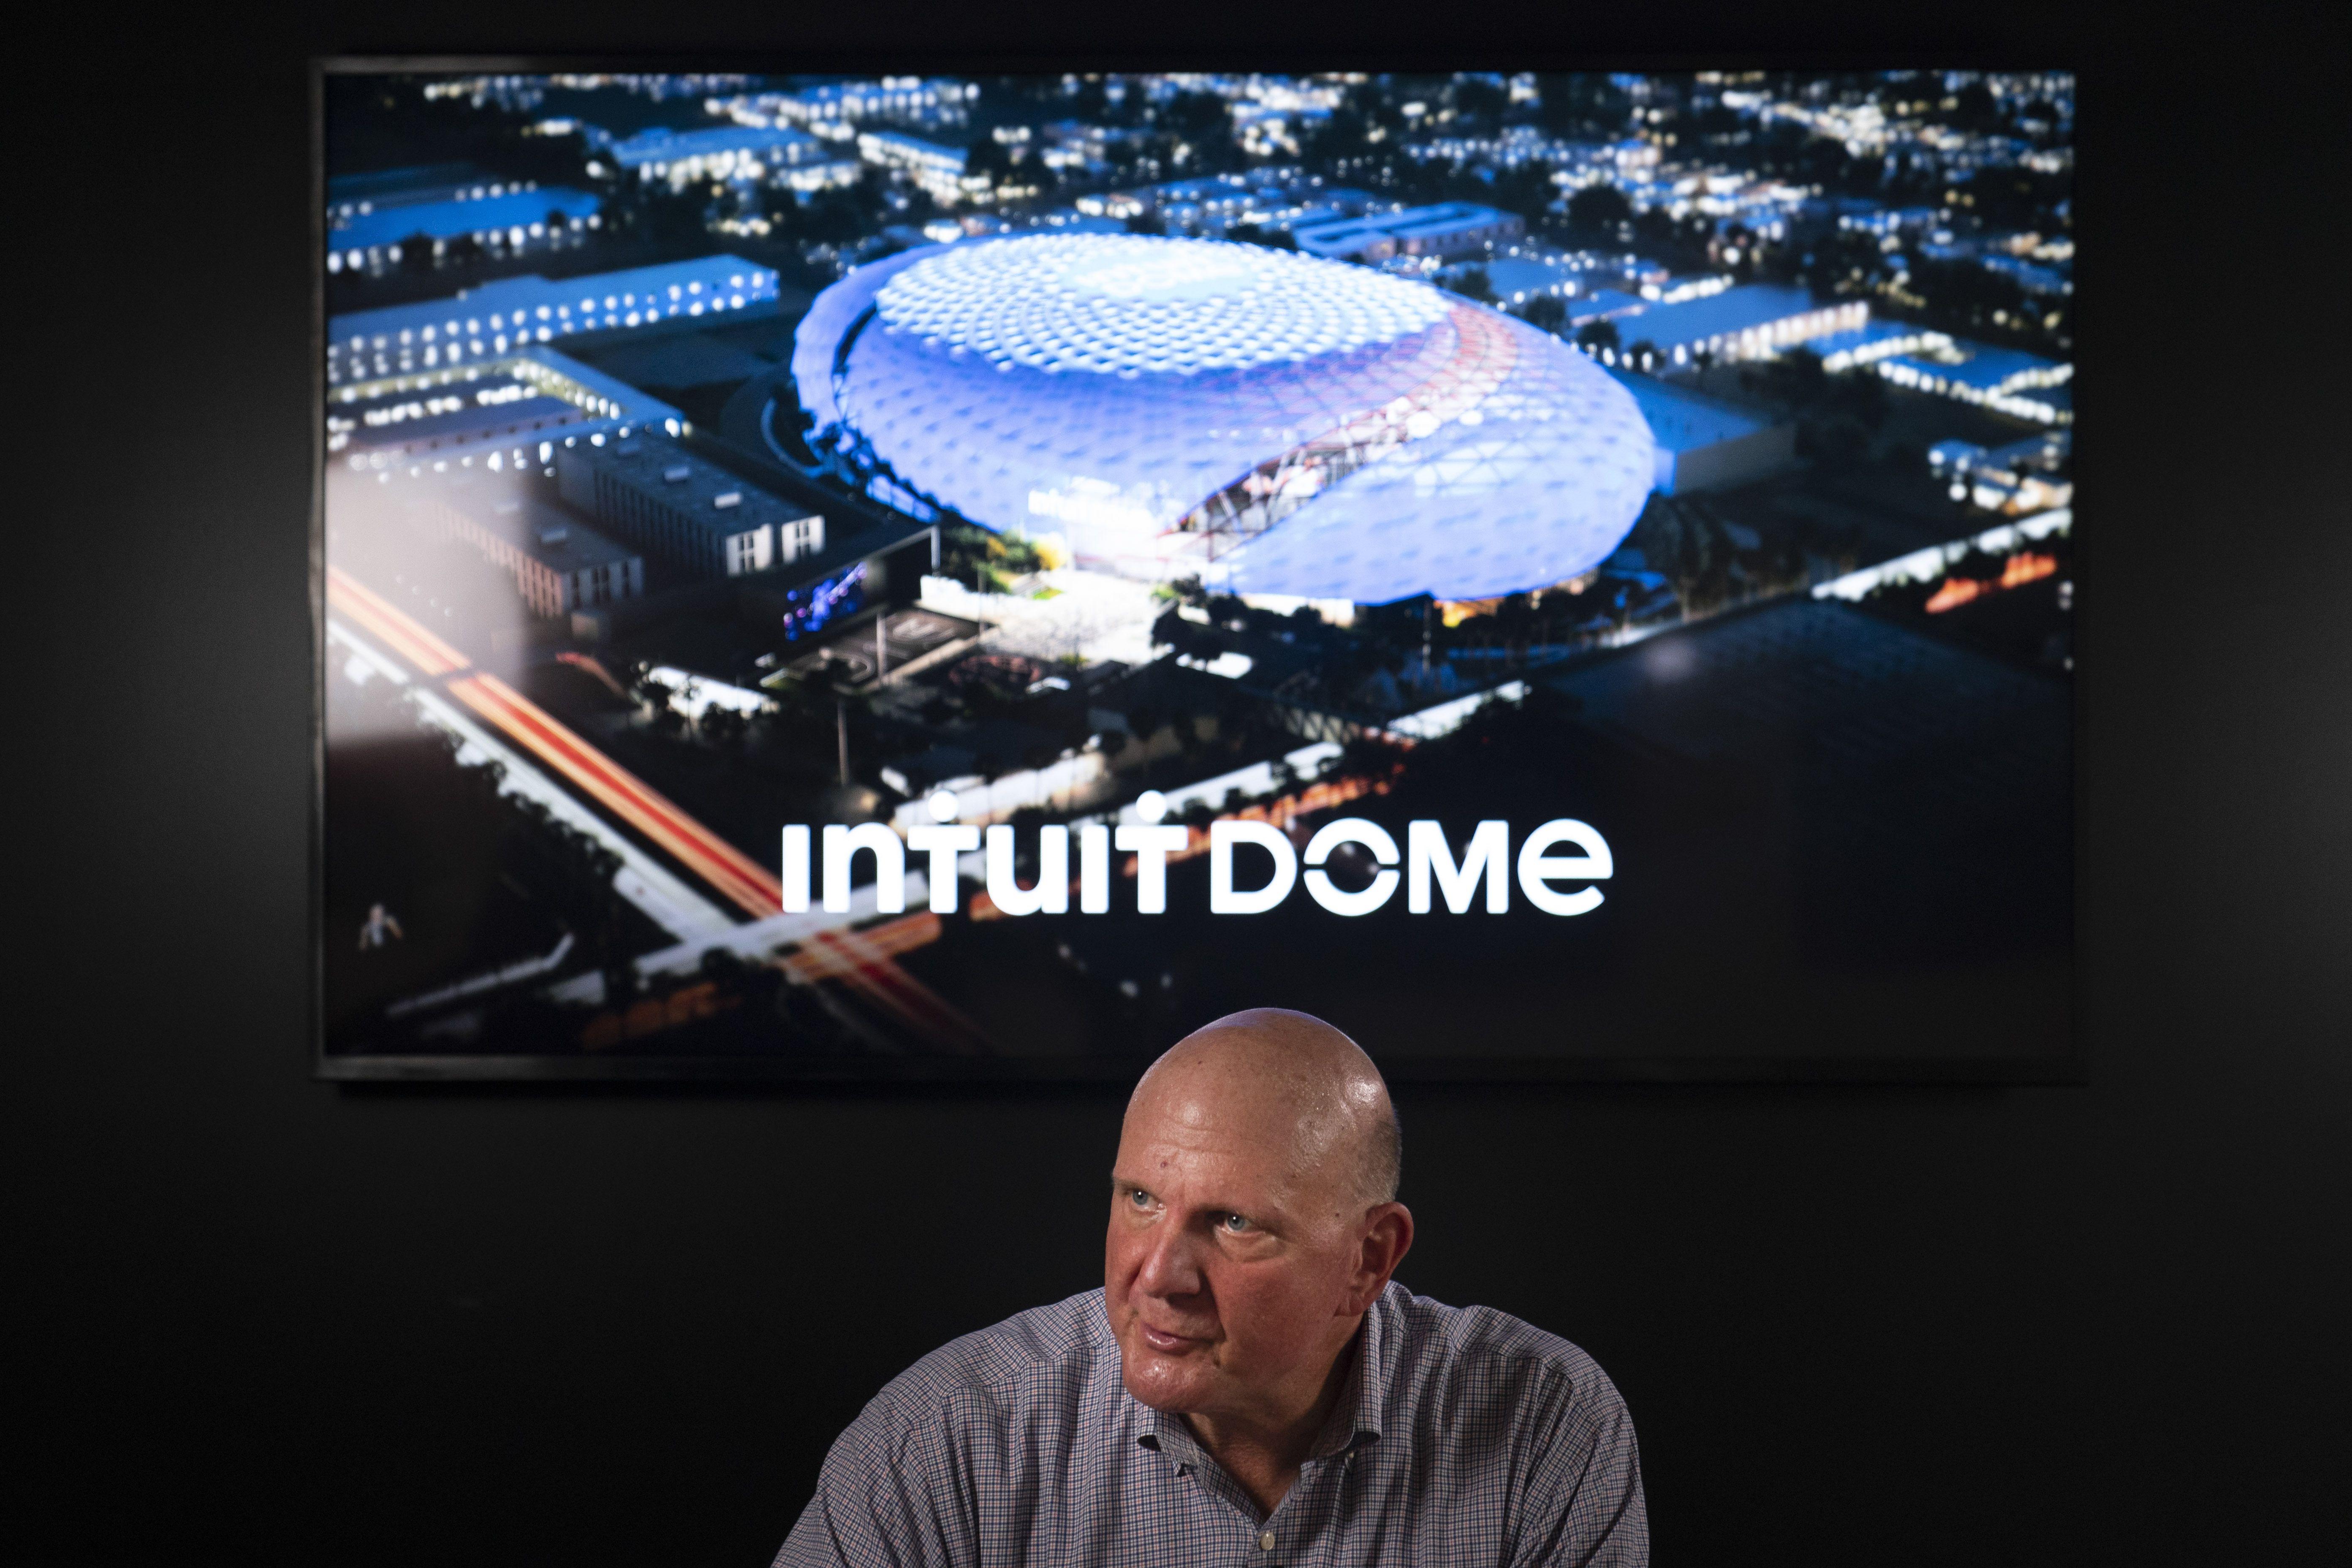 clippers inician construccion del intuit dome, su nueva casa